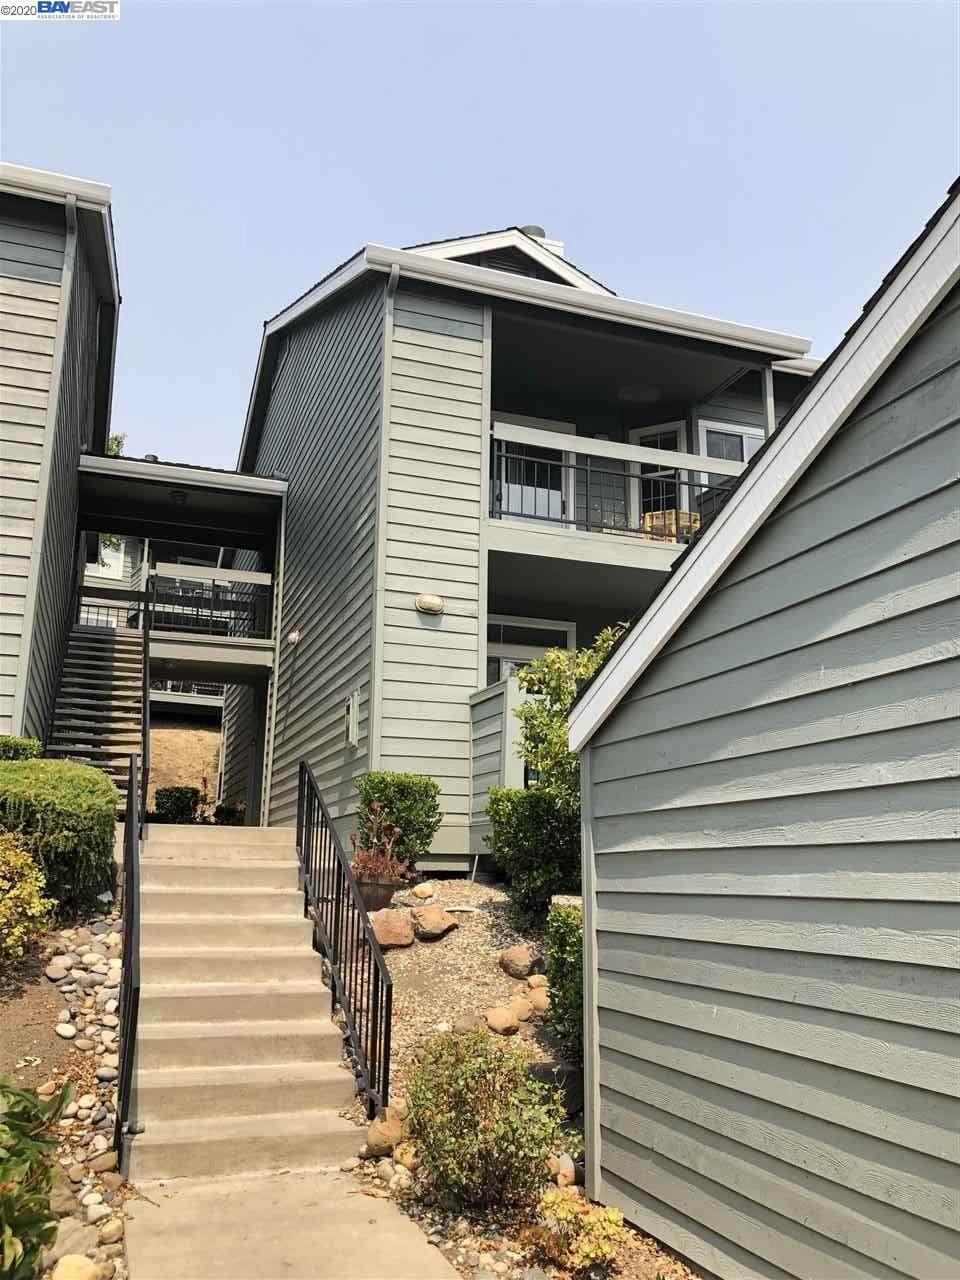 8055 Mountain View Dr - Photo 1